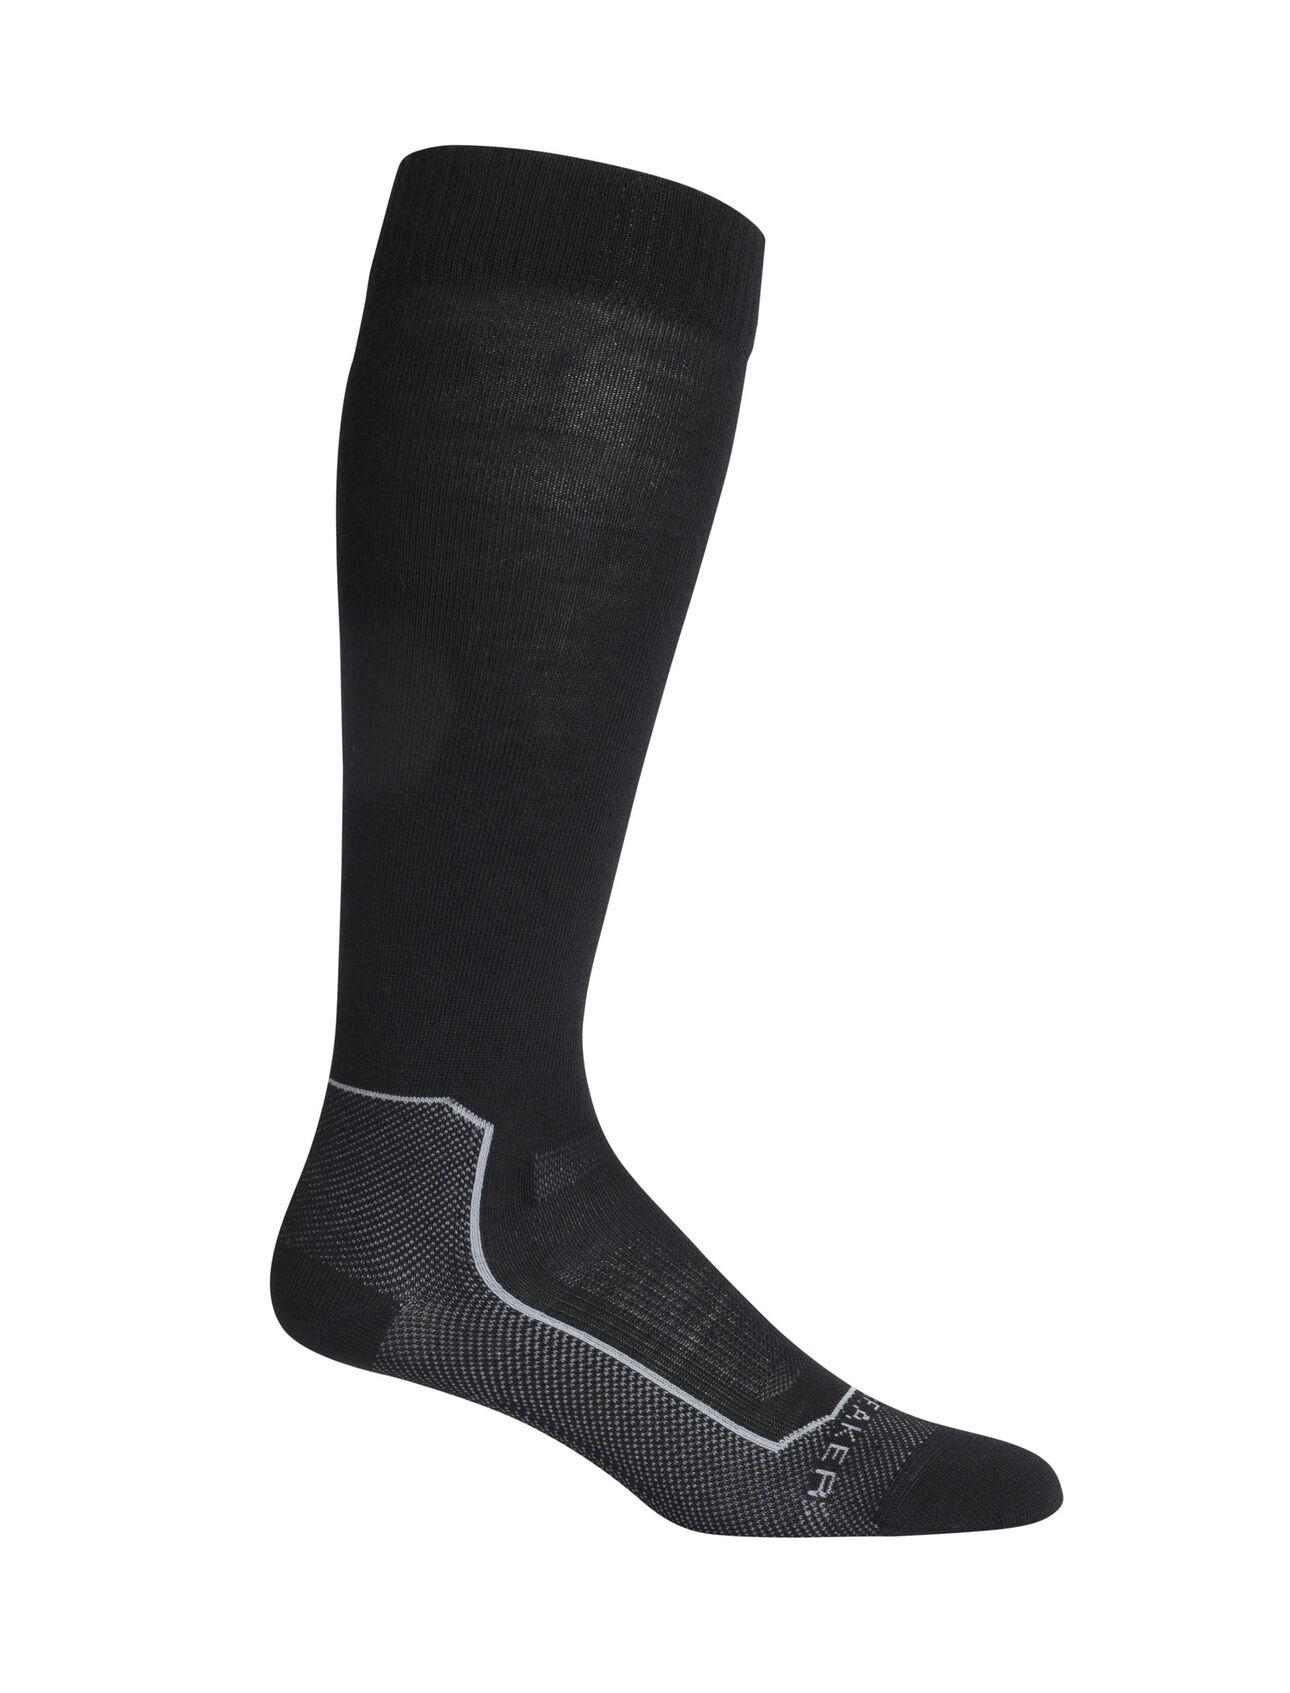 Merino Ski+ Ultralight Over the Calf Socks